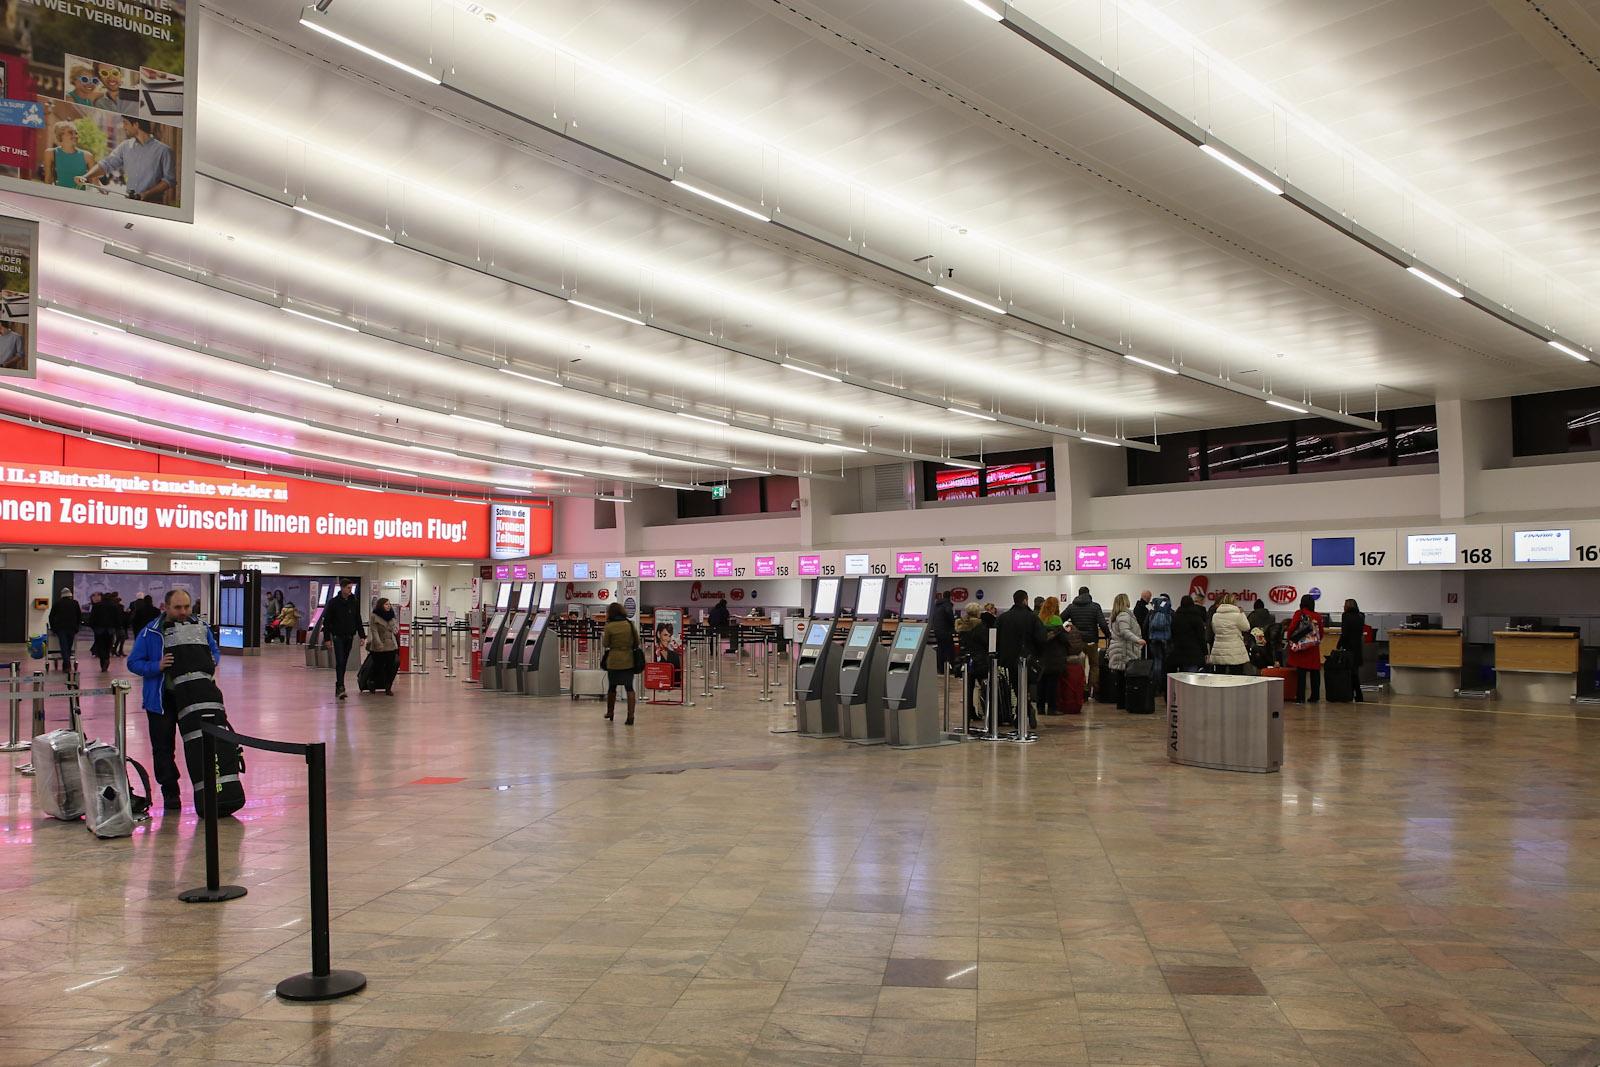 В терминале 1 аэропорта Вена Швехат